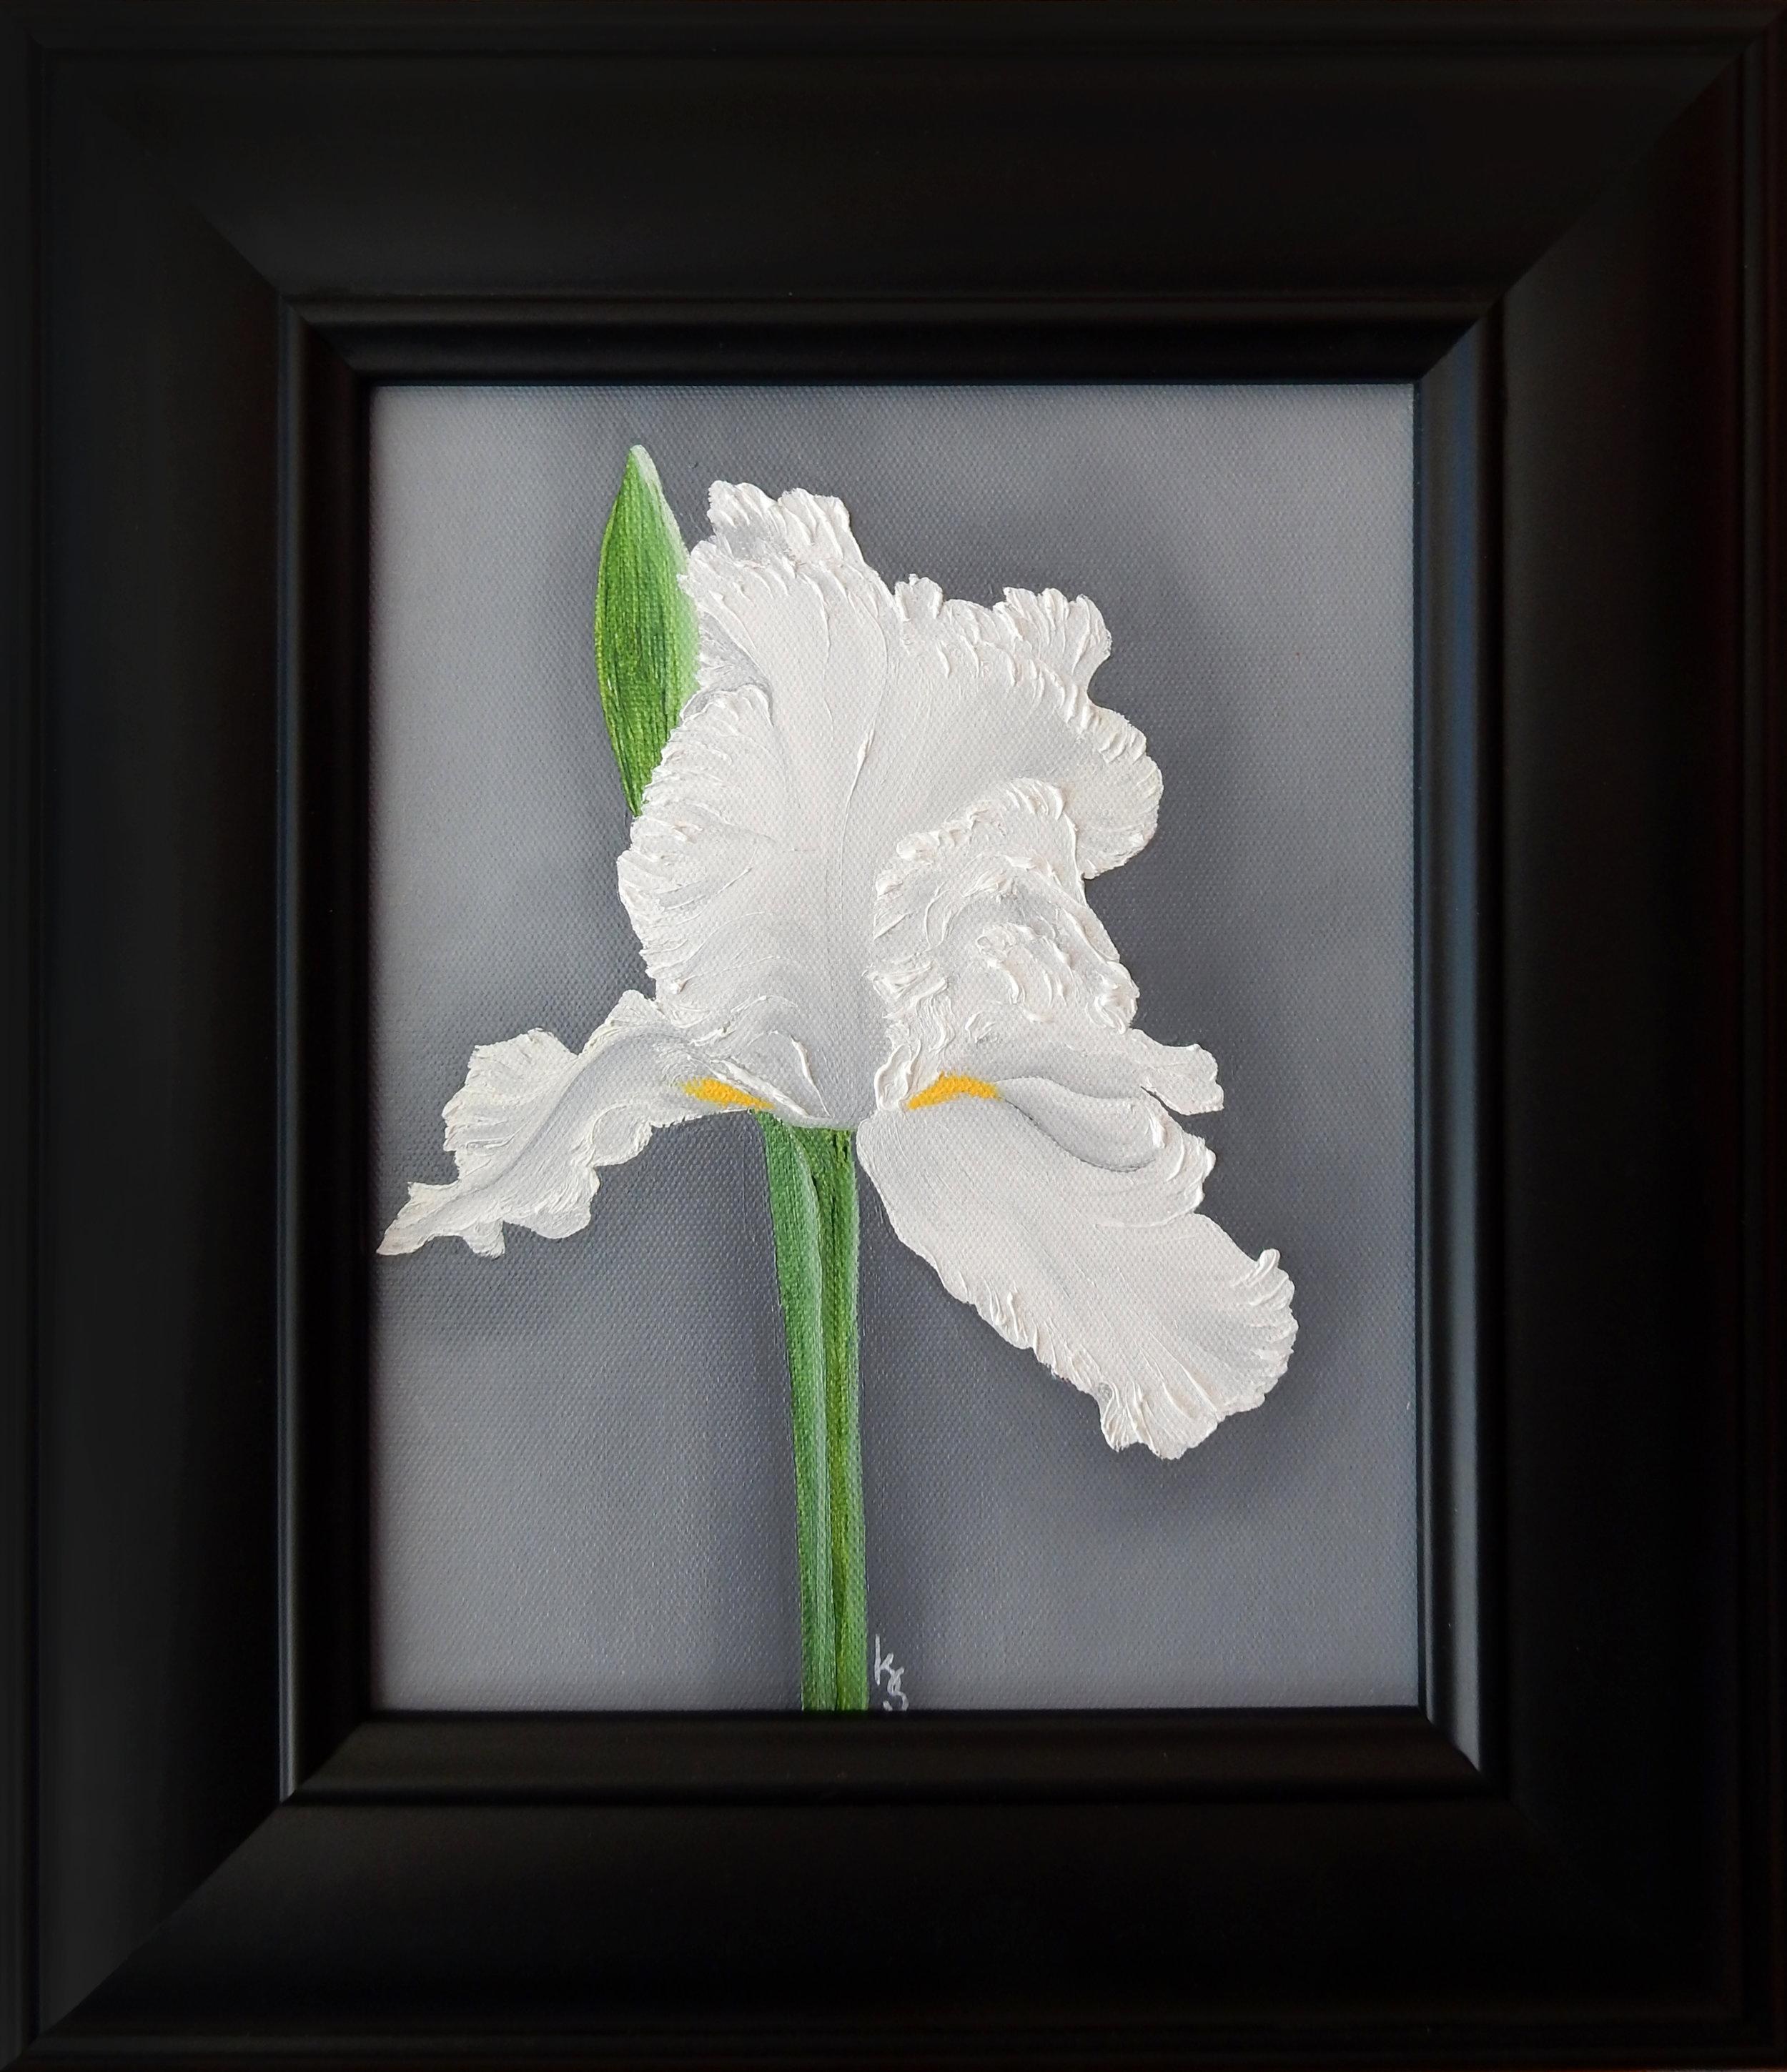 White Iris  2017 Oil on canvas 10 x 8 inches